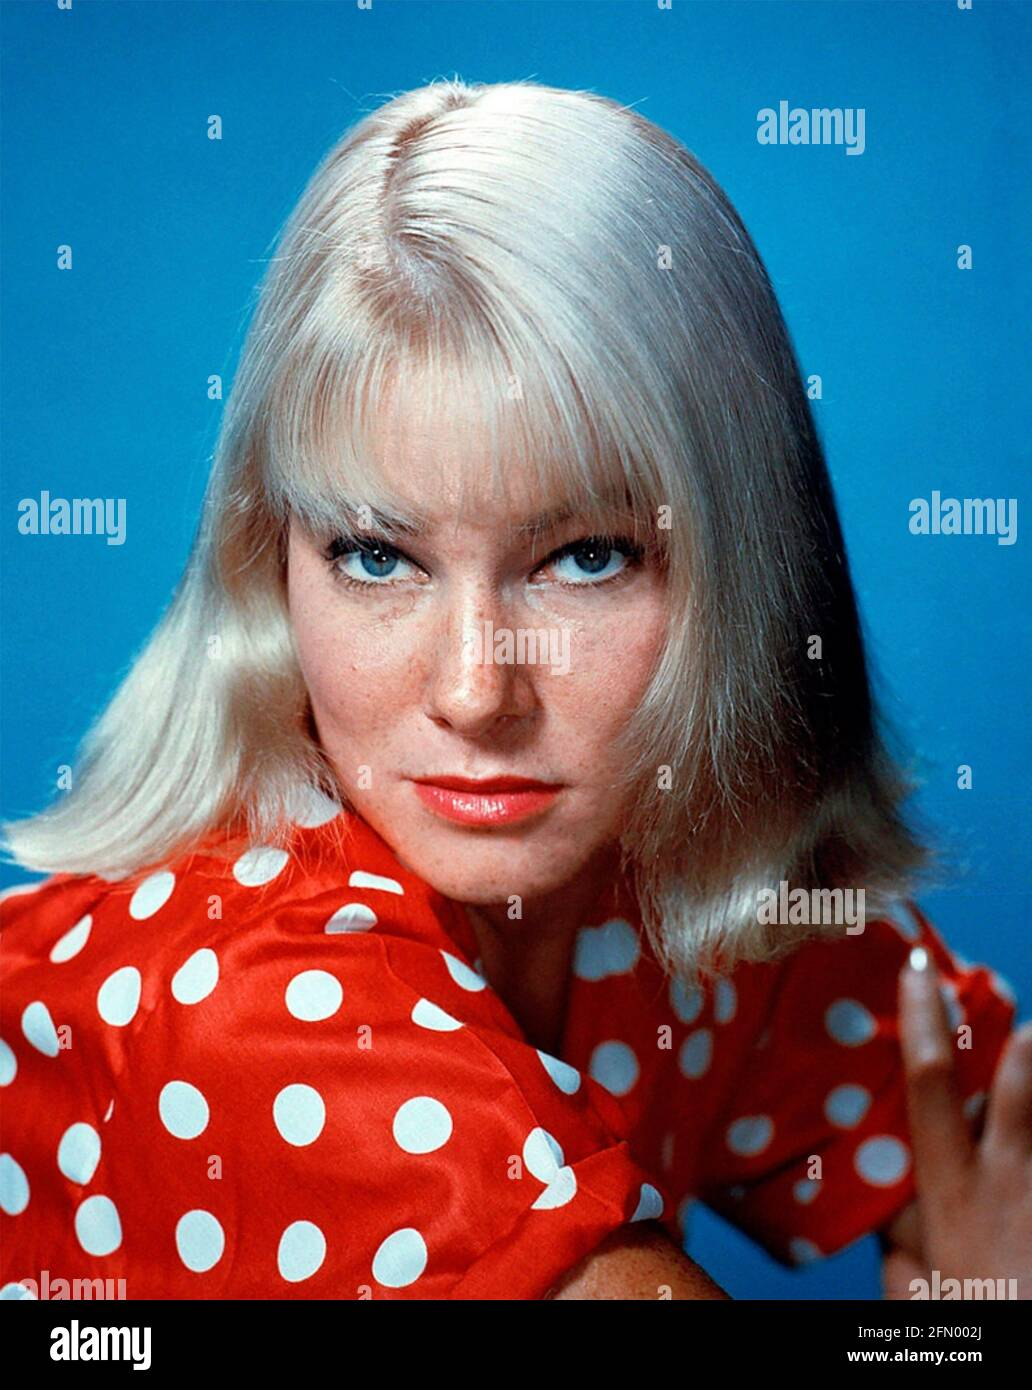 MAY BRITT actrice suédoise de film vers 1965 Banque D'Images